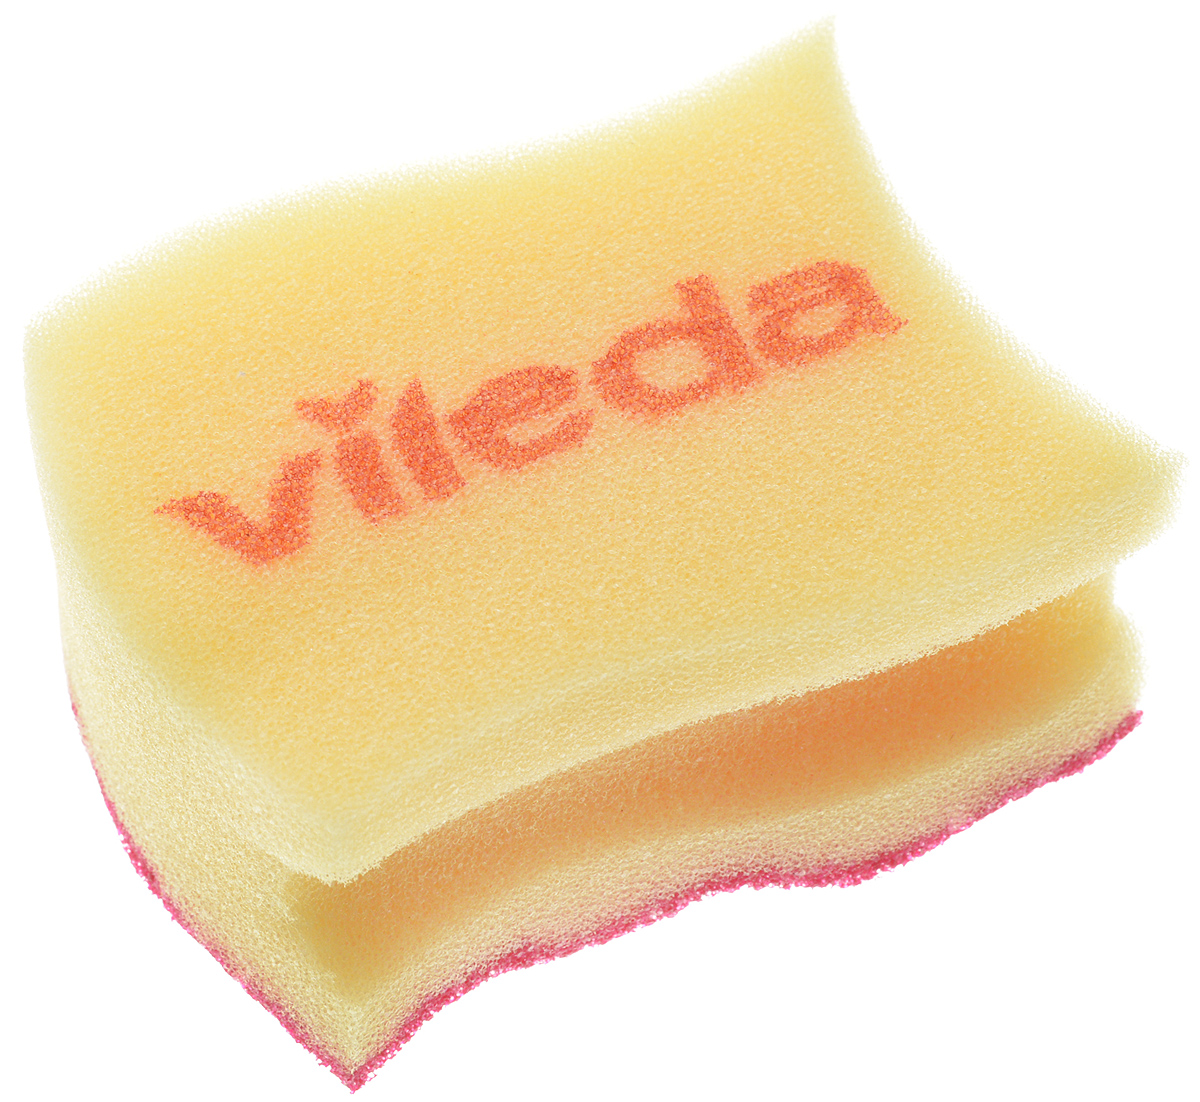 Губка для мытья посуды Vileda Pure Colors, цвет: желтый, бордовый, 9,5 х 6,2 х 4,7 смNN-604-LS-BUГубка для мытья посуды Vileda Pure Colors предназначена для очистки деликатных поверхностей. Удаляет даже трудные загрязнения, не царапая поверхность. Удобна в использовании за счет специальных пазов для пальцев. Губка с ярким дизайном станет украшением любой кухни и порадует хозяйку.Размер губки: 9,5 х 6,2 х 4,7 см.